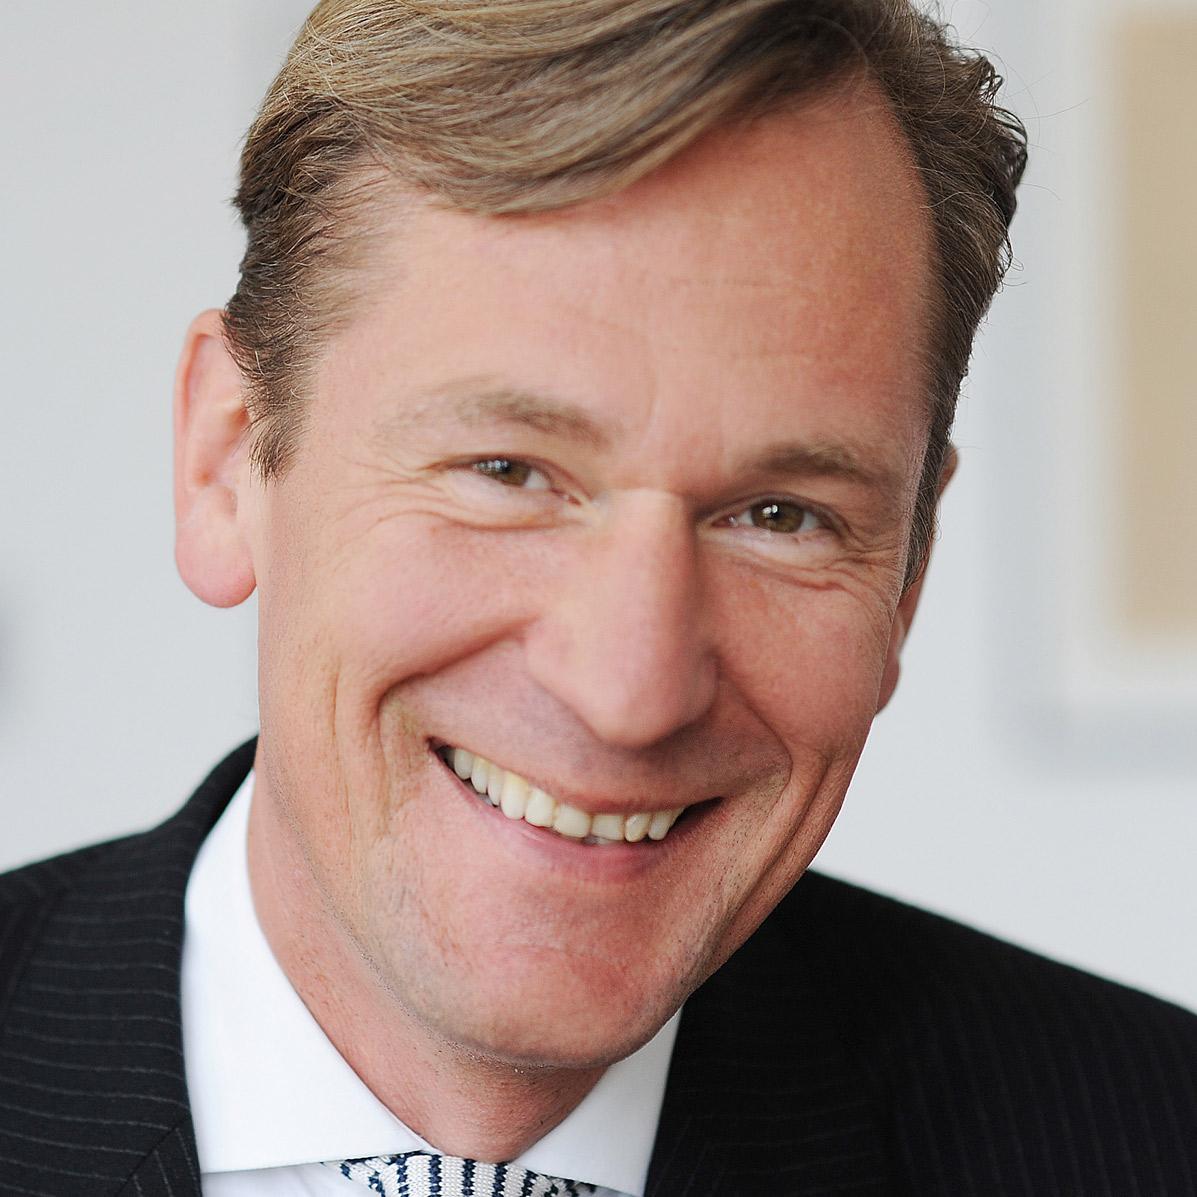 Mathias Döpfner